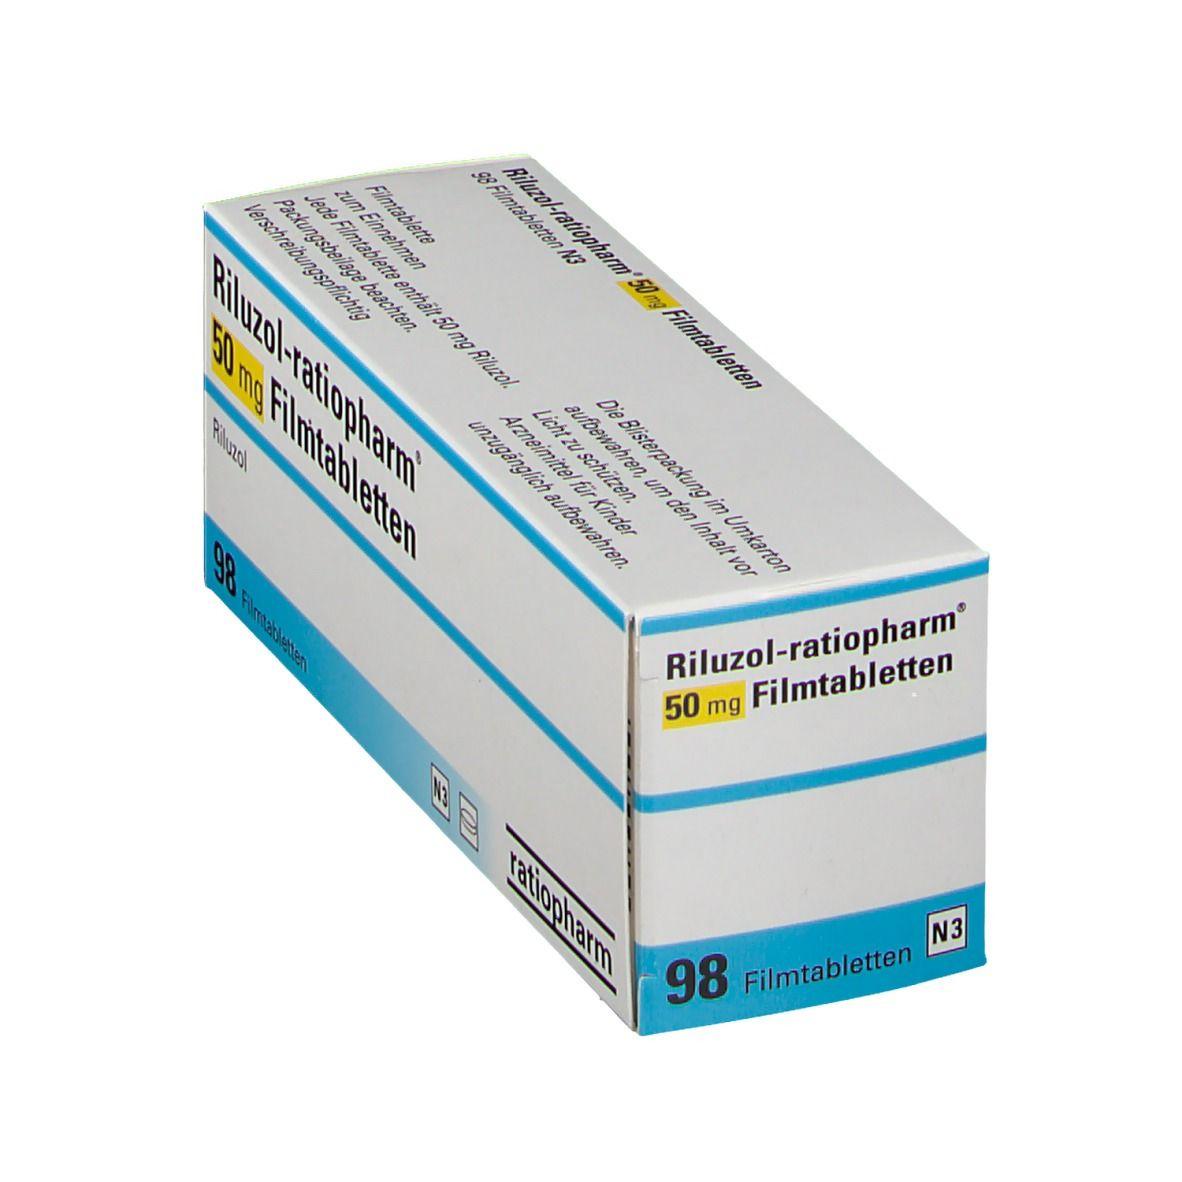 RILUZOL ratiopharm® 50 mg Filmtabletten